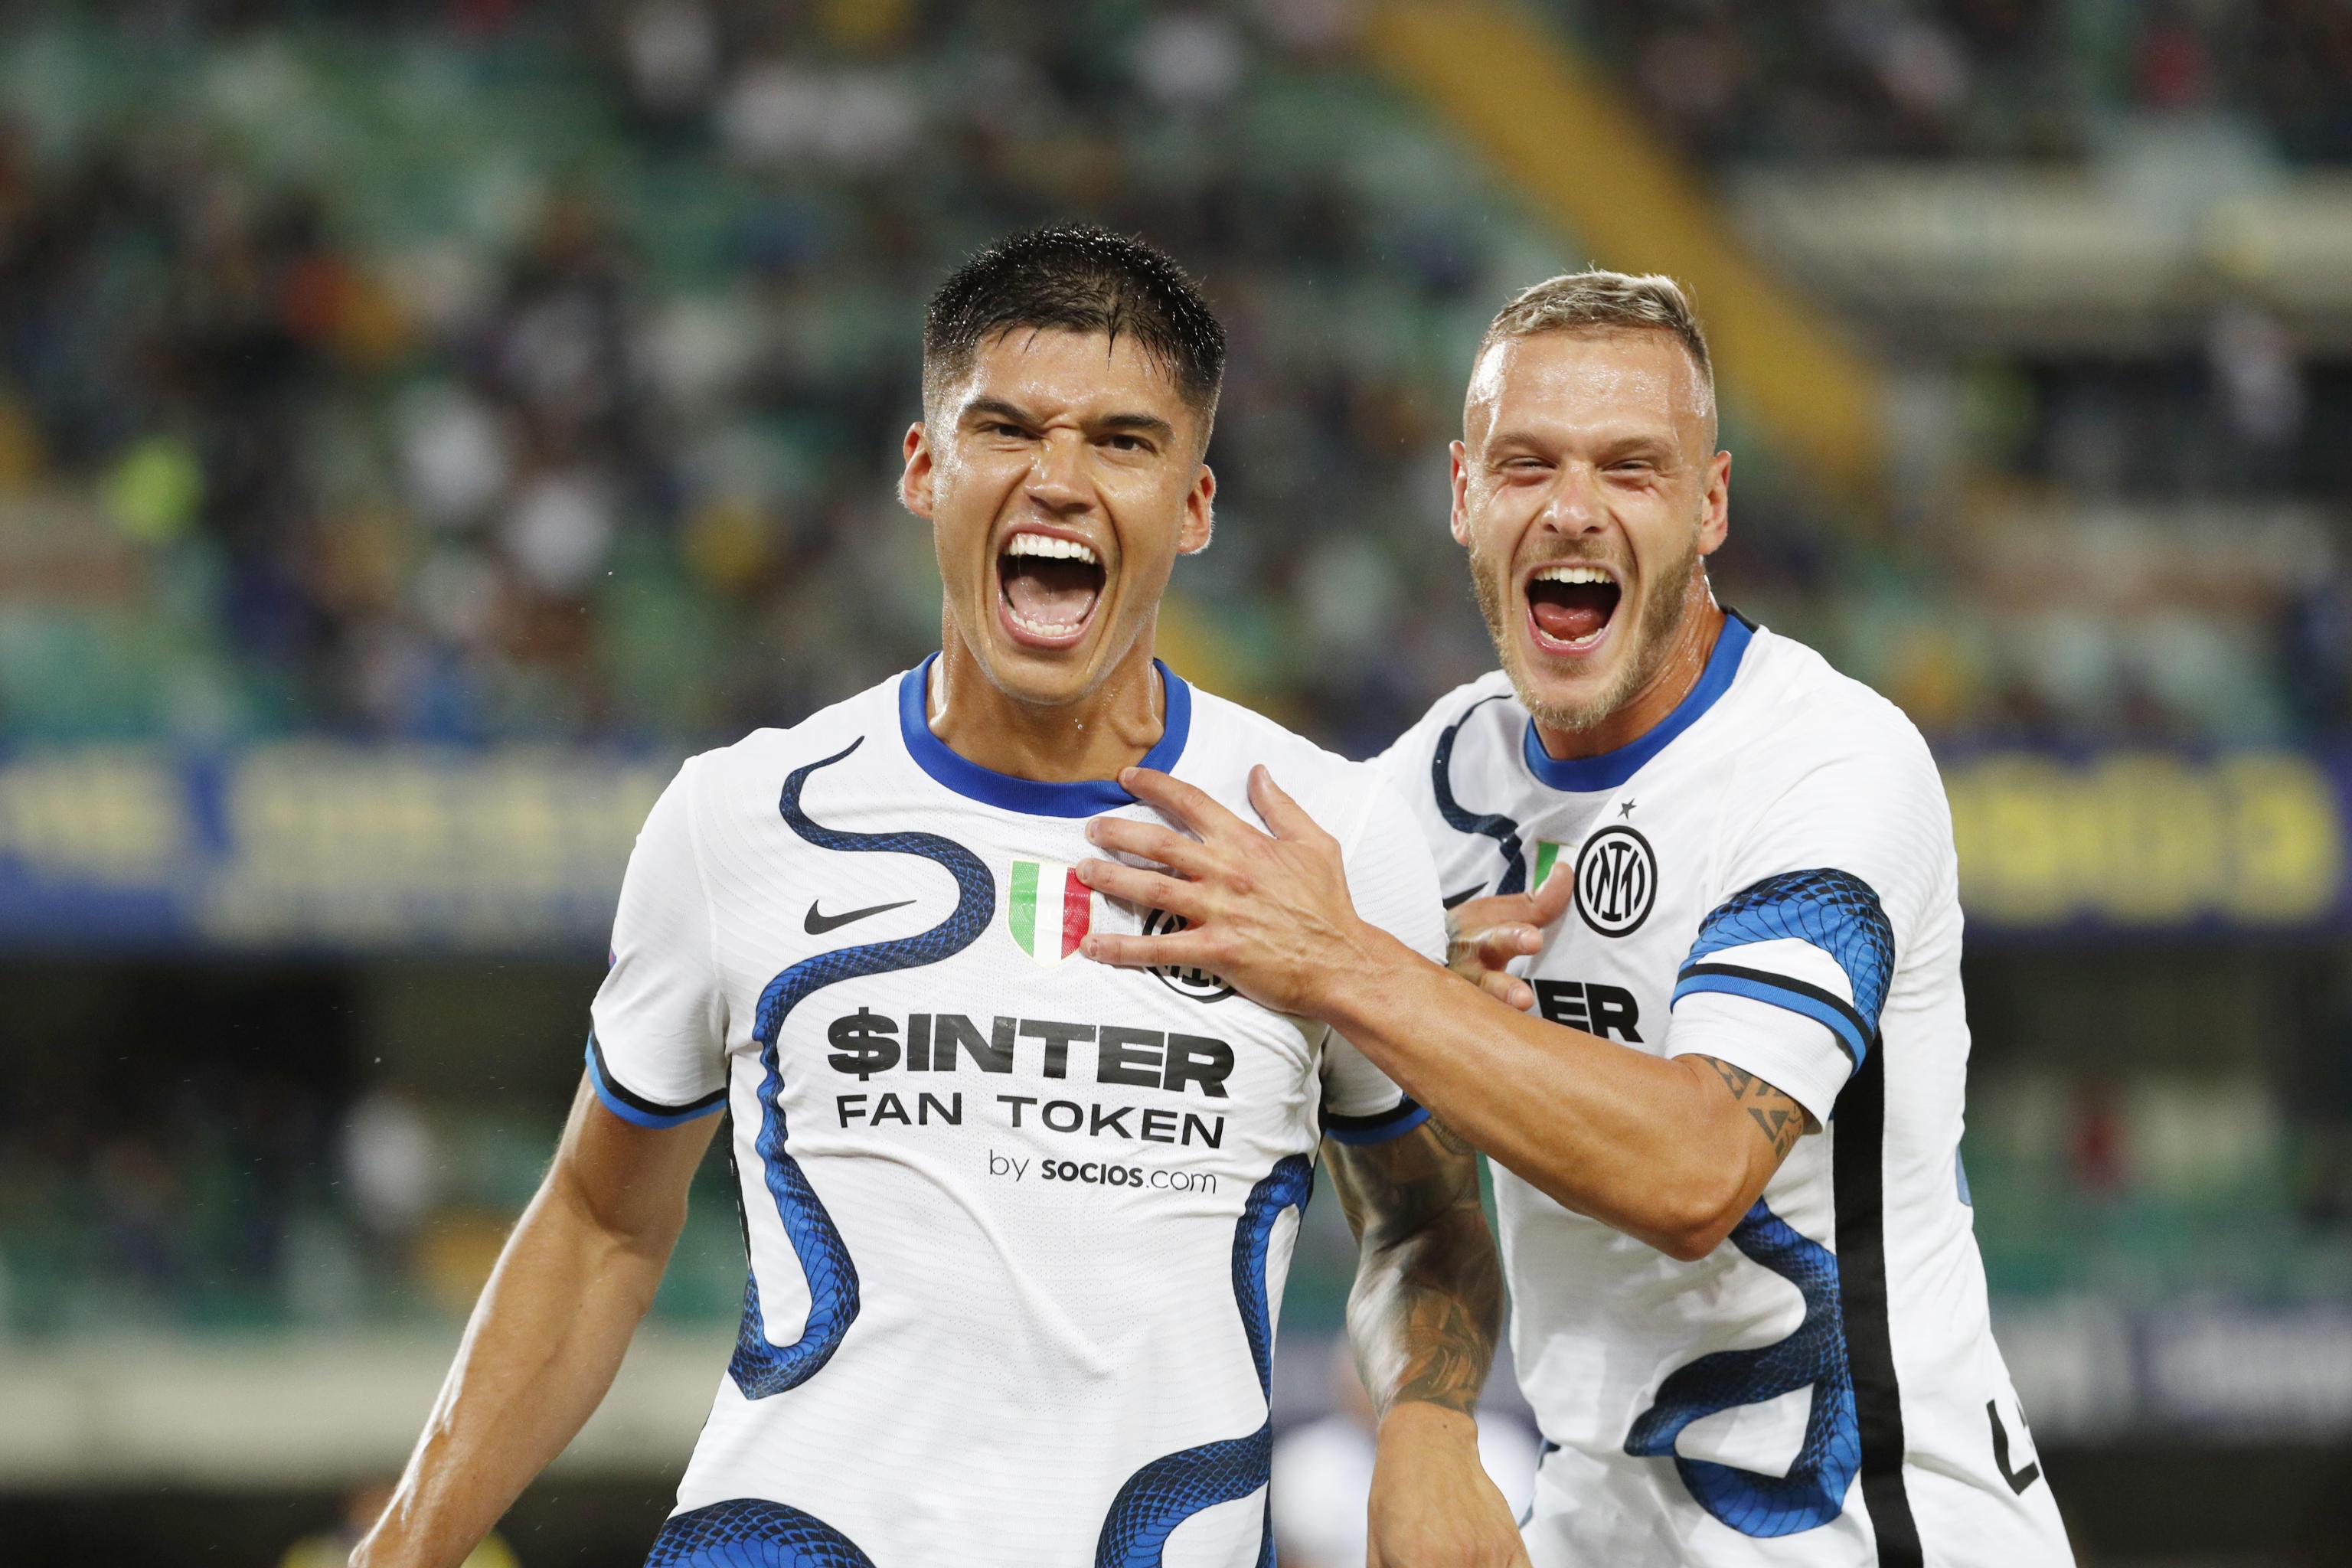 L'Inter rimonta a Verona con Lautaro e la doppietta di Correa - Giornale di  Sicilia